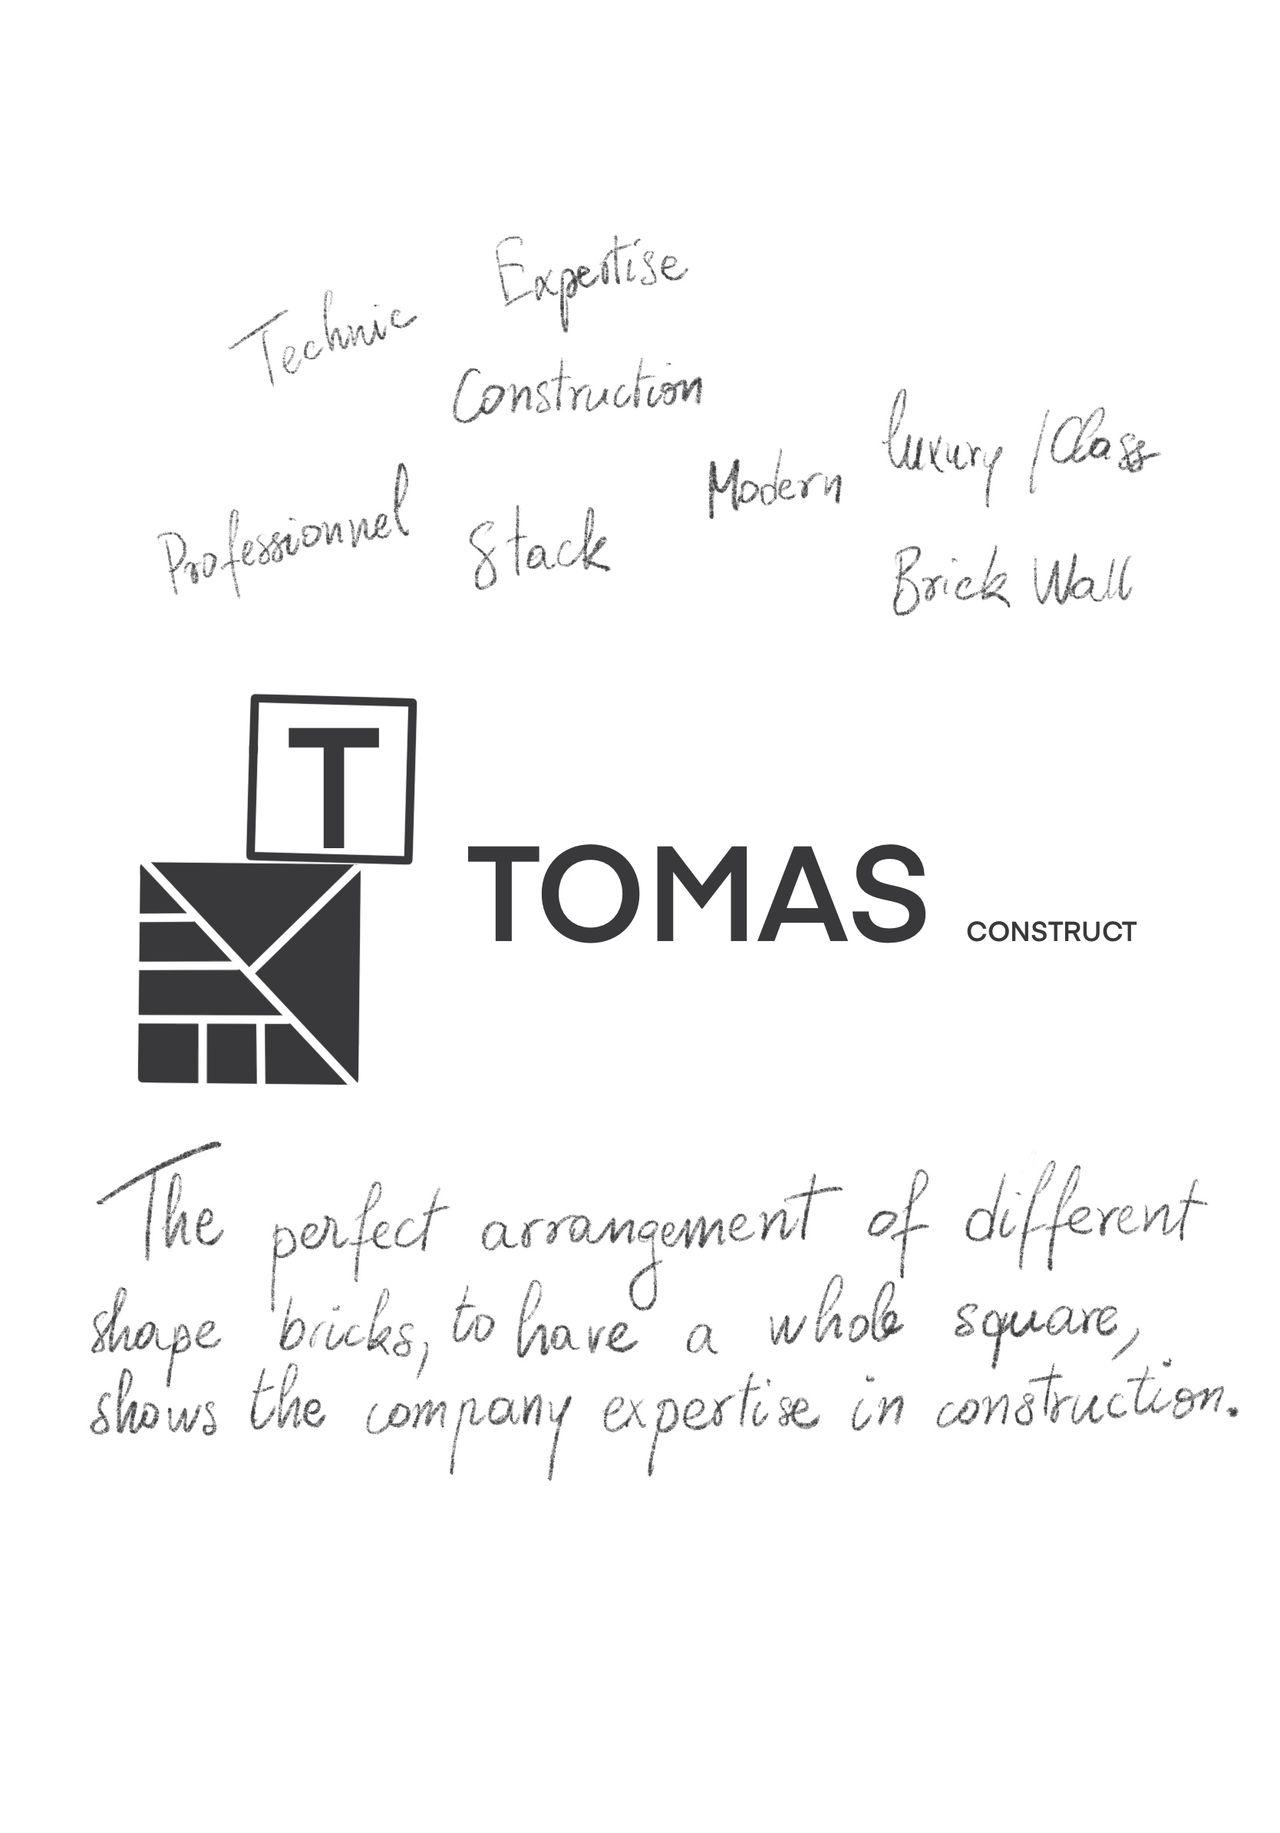 TOMAS Construct logo